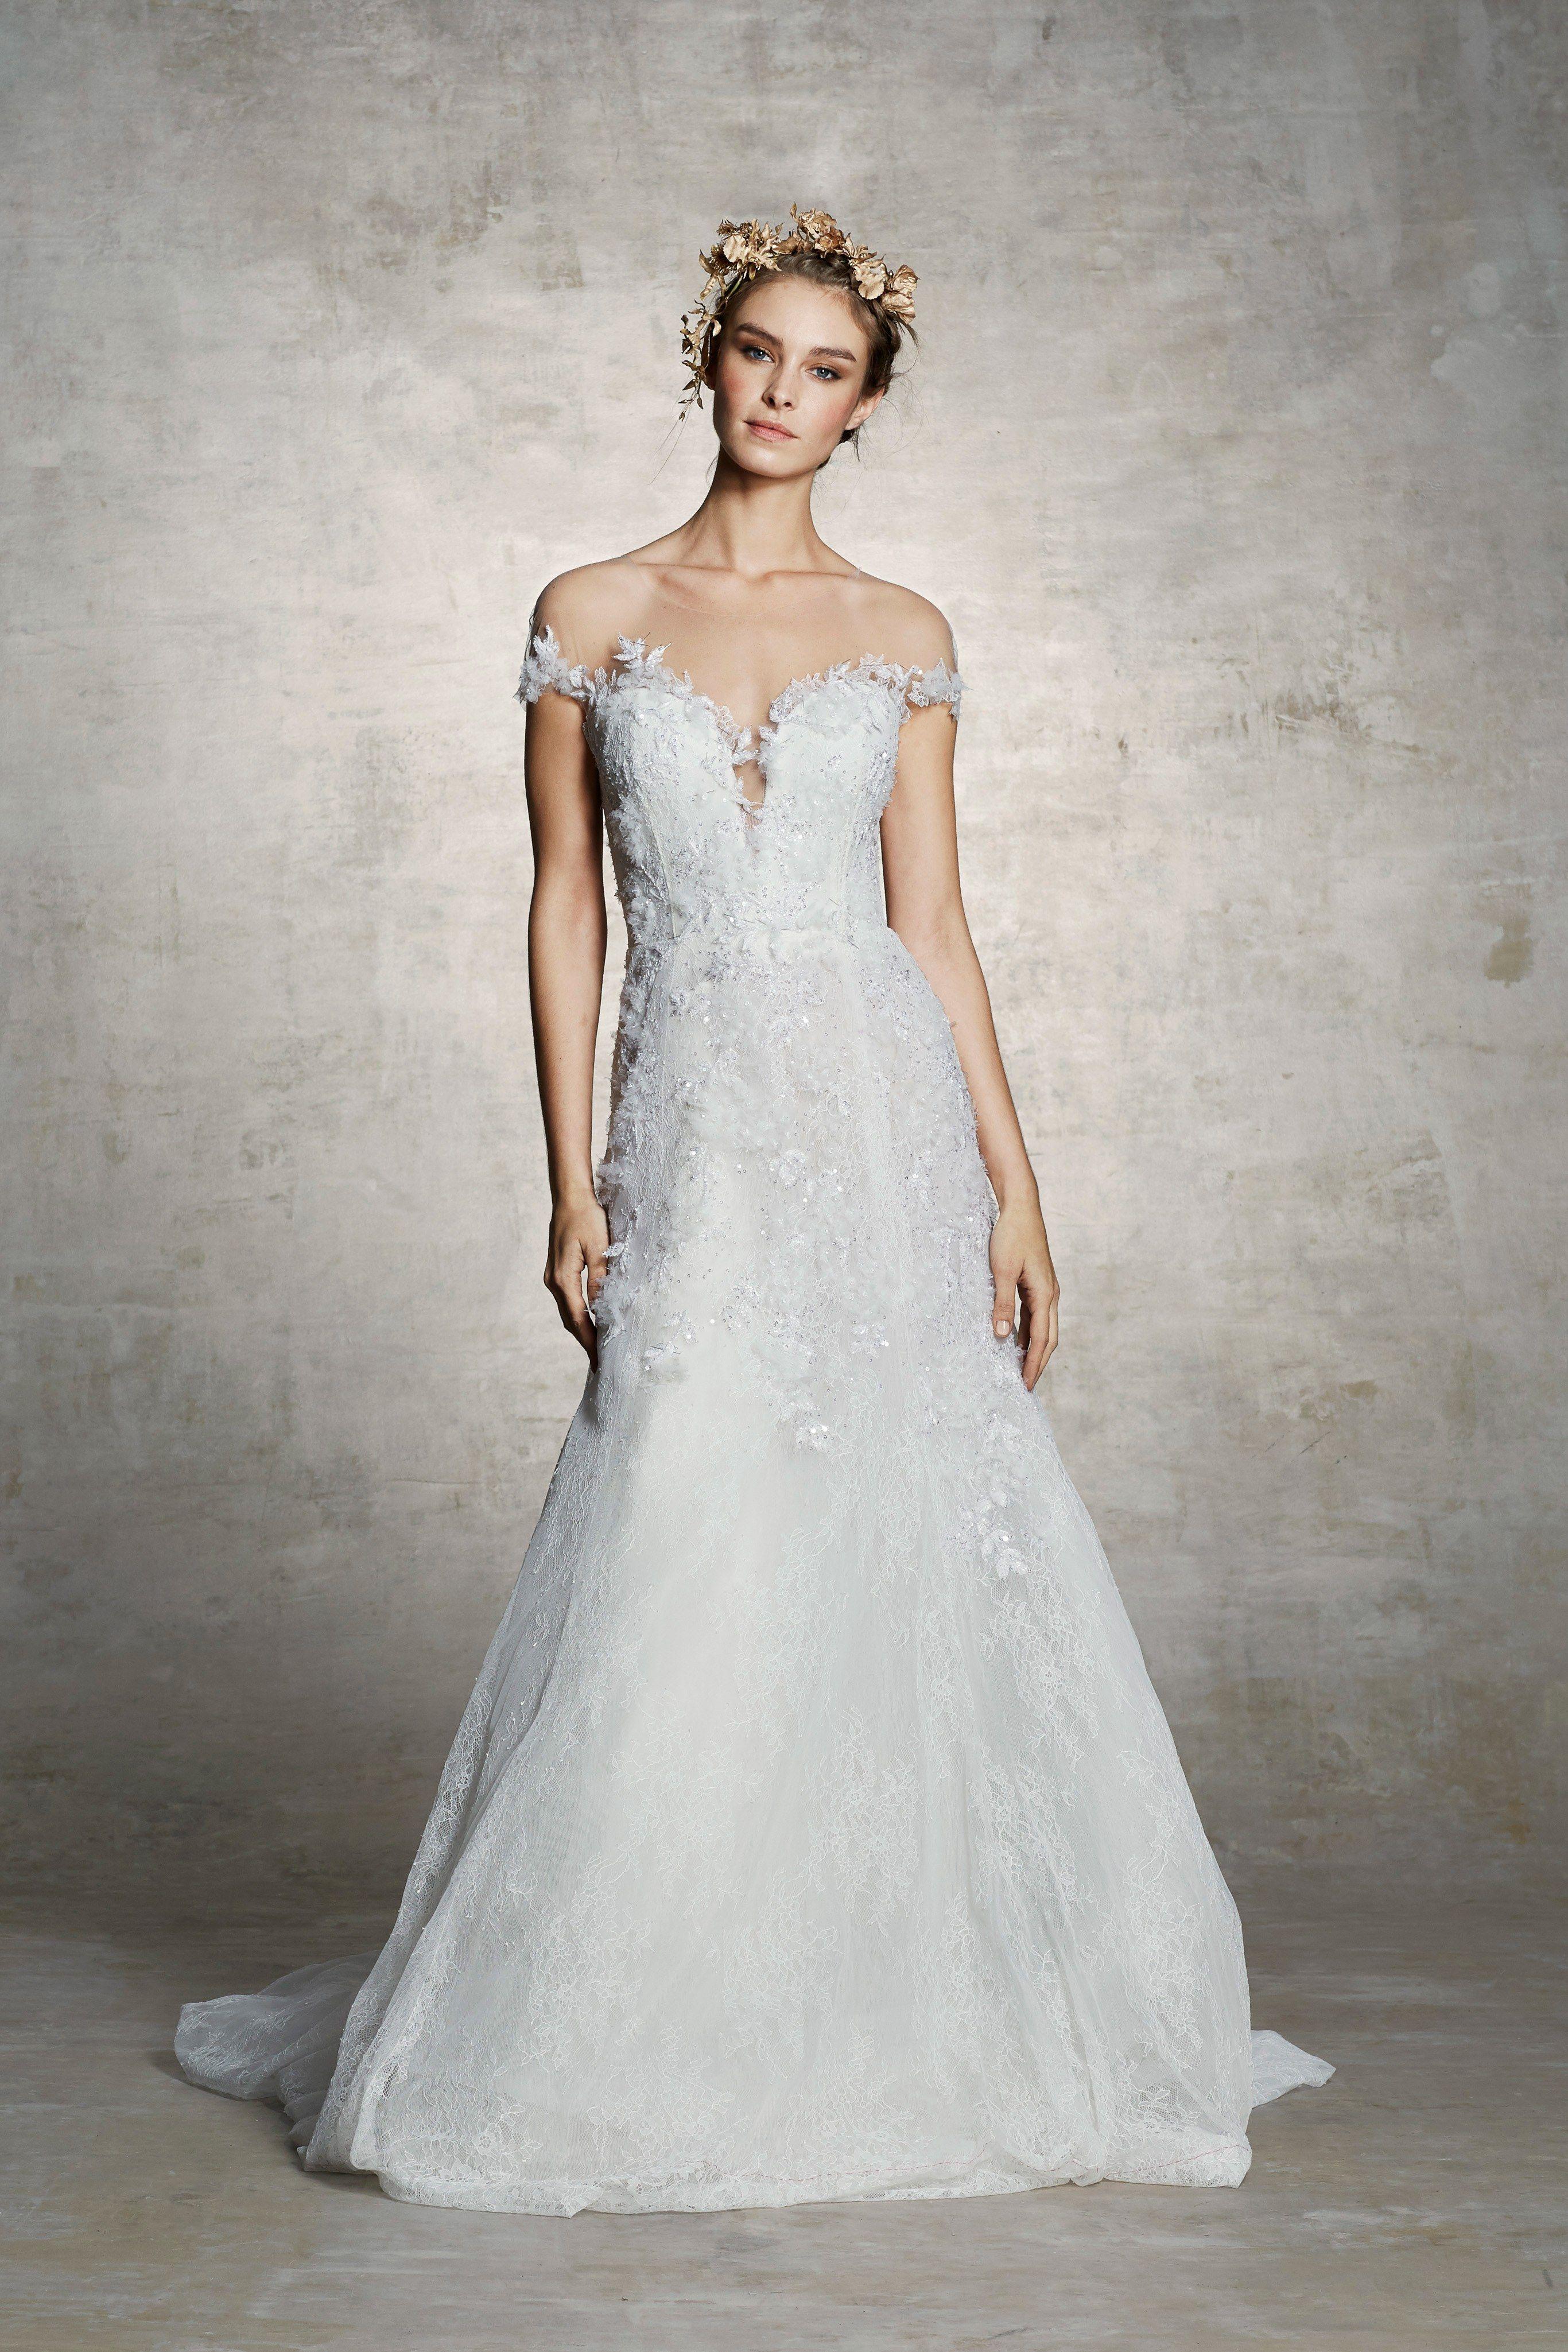 Marchesa bridal spring fashion show in weddings